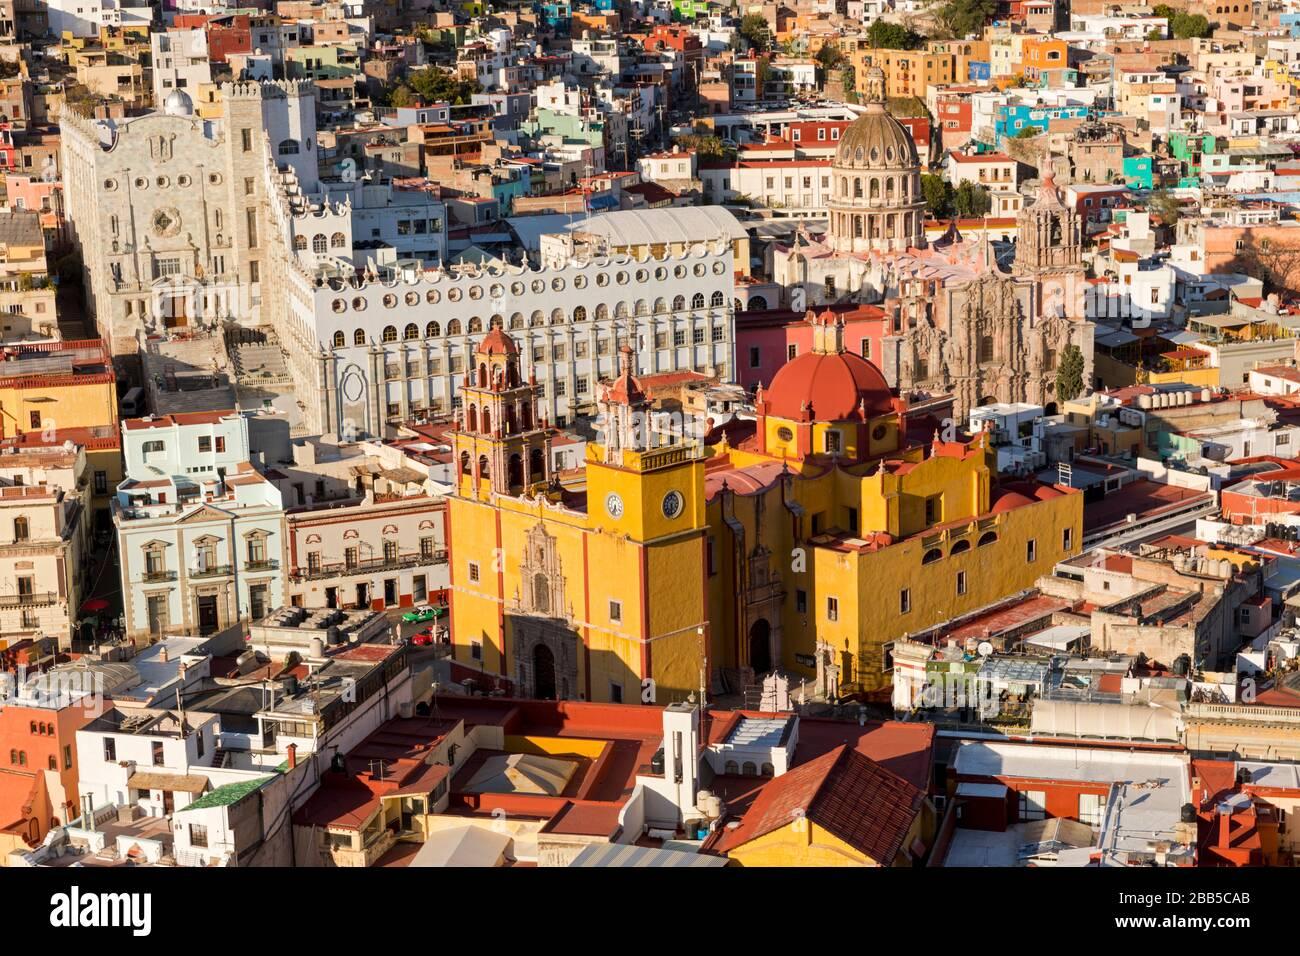 Mexique, les gratte-ciel de Guanajuato sont vus de Monumento a El Pïpila. Guanajuato, site du patrimoine mondial de l'UNESCO Banque D'Images